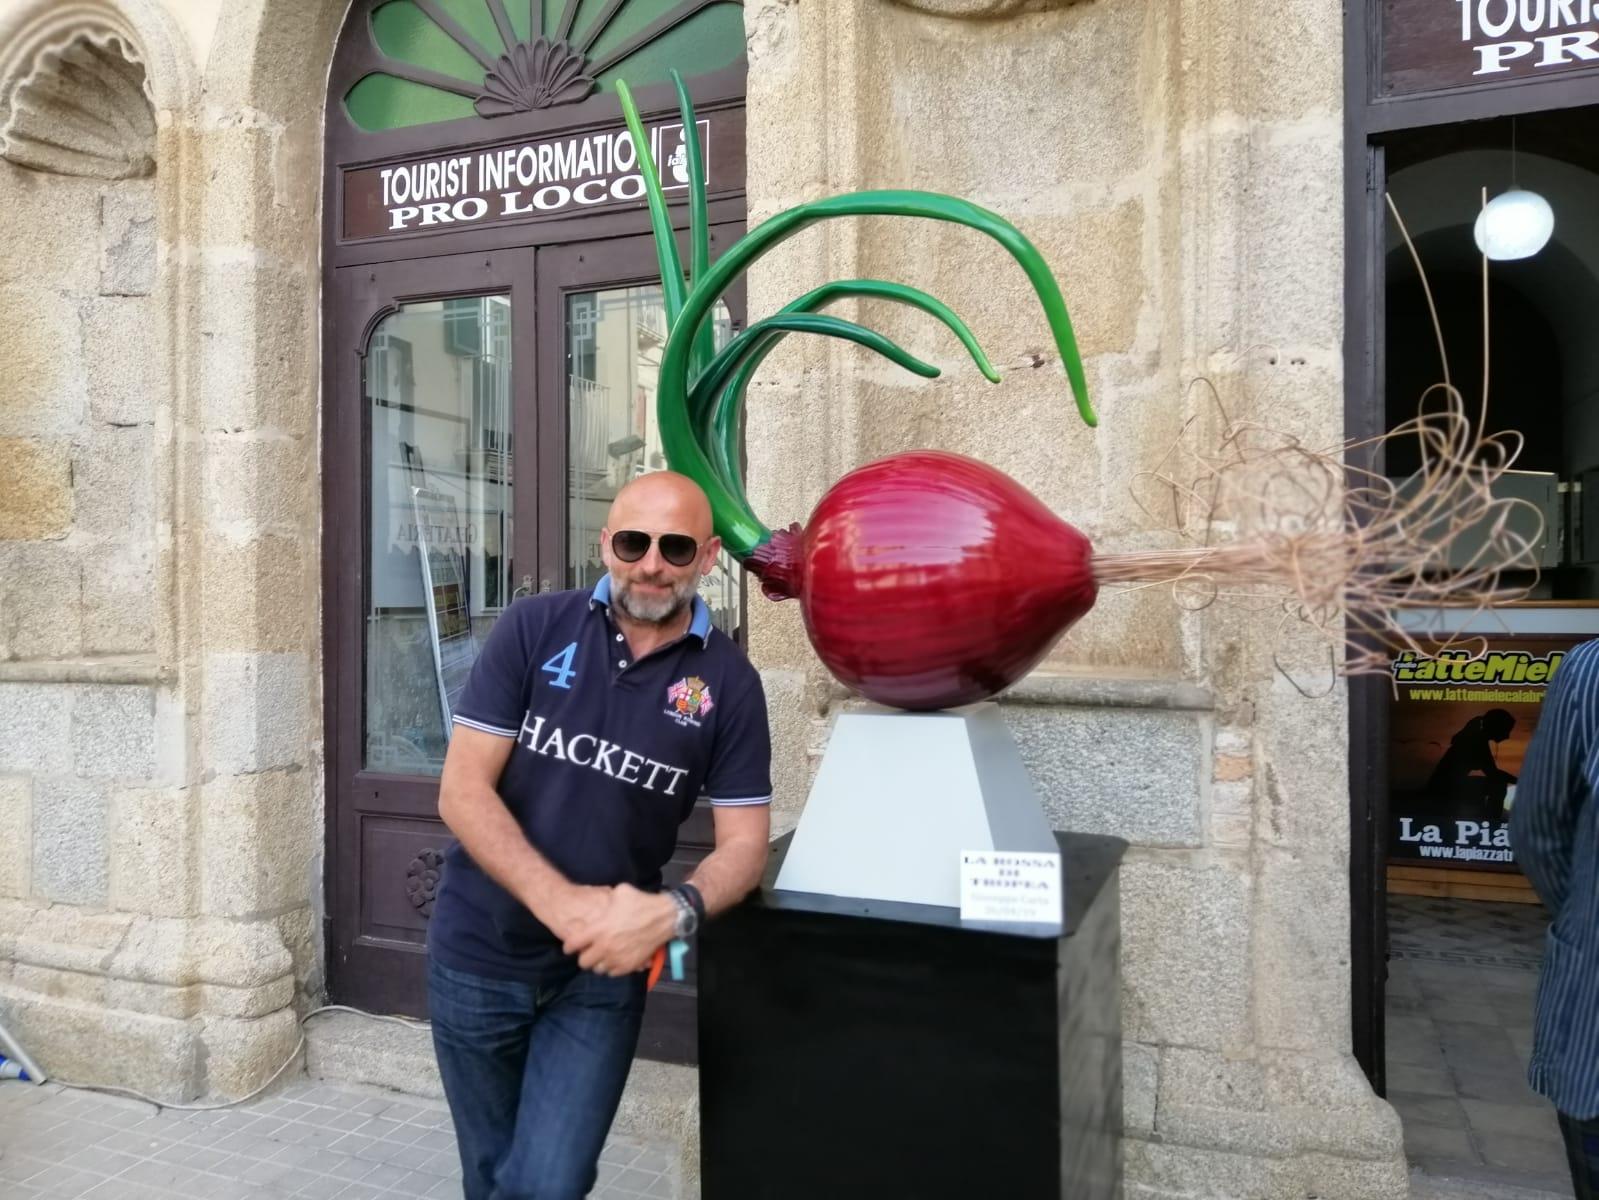 paolo_pecoraro_art_director_sculpture_giuseppe_carta.JPG